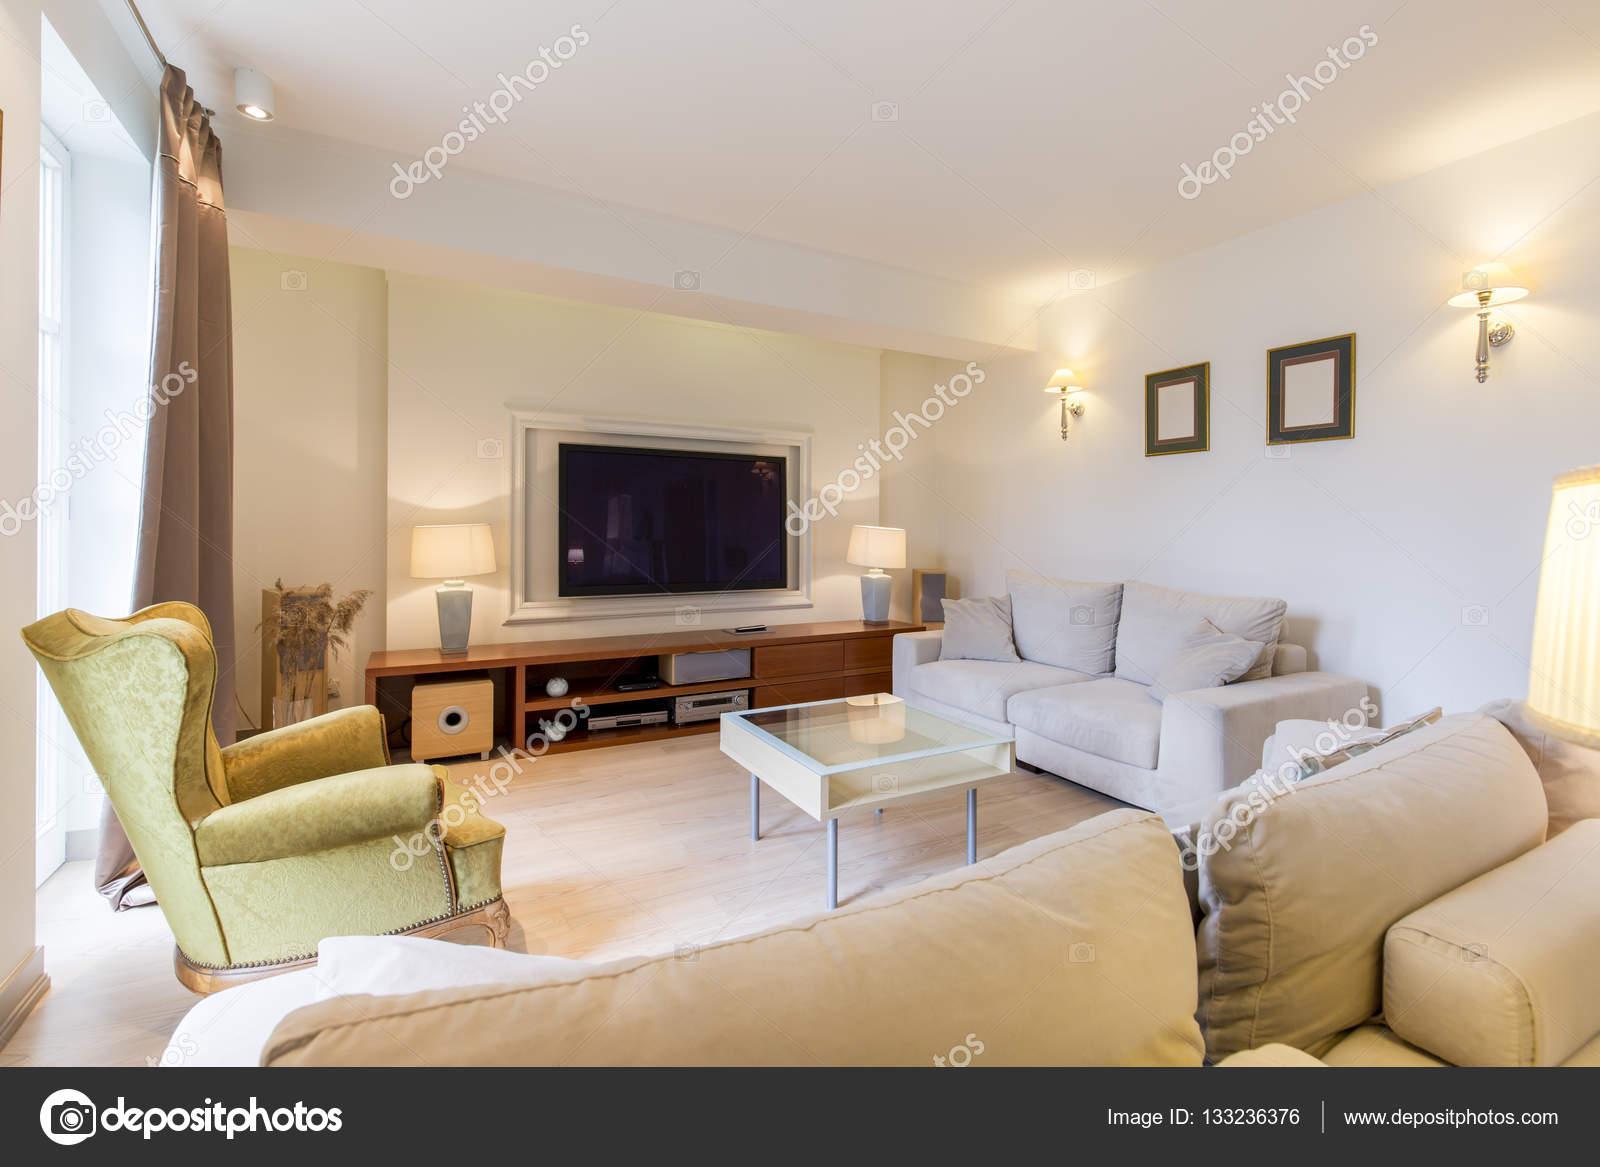 Ansprechend Gemütliches Wohnzimmer Sammlung Von Gemütliches Mit Tv — Stockfoto